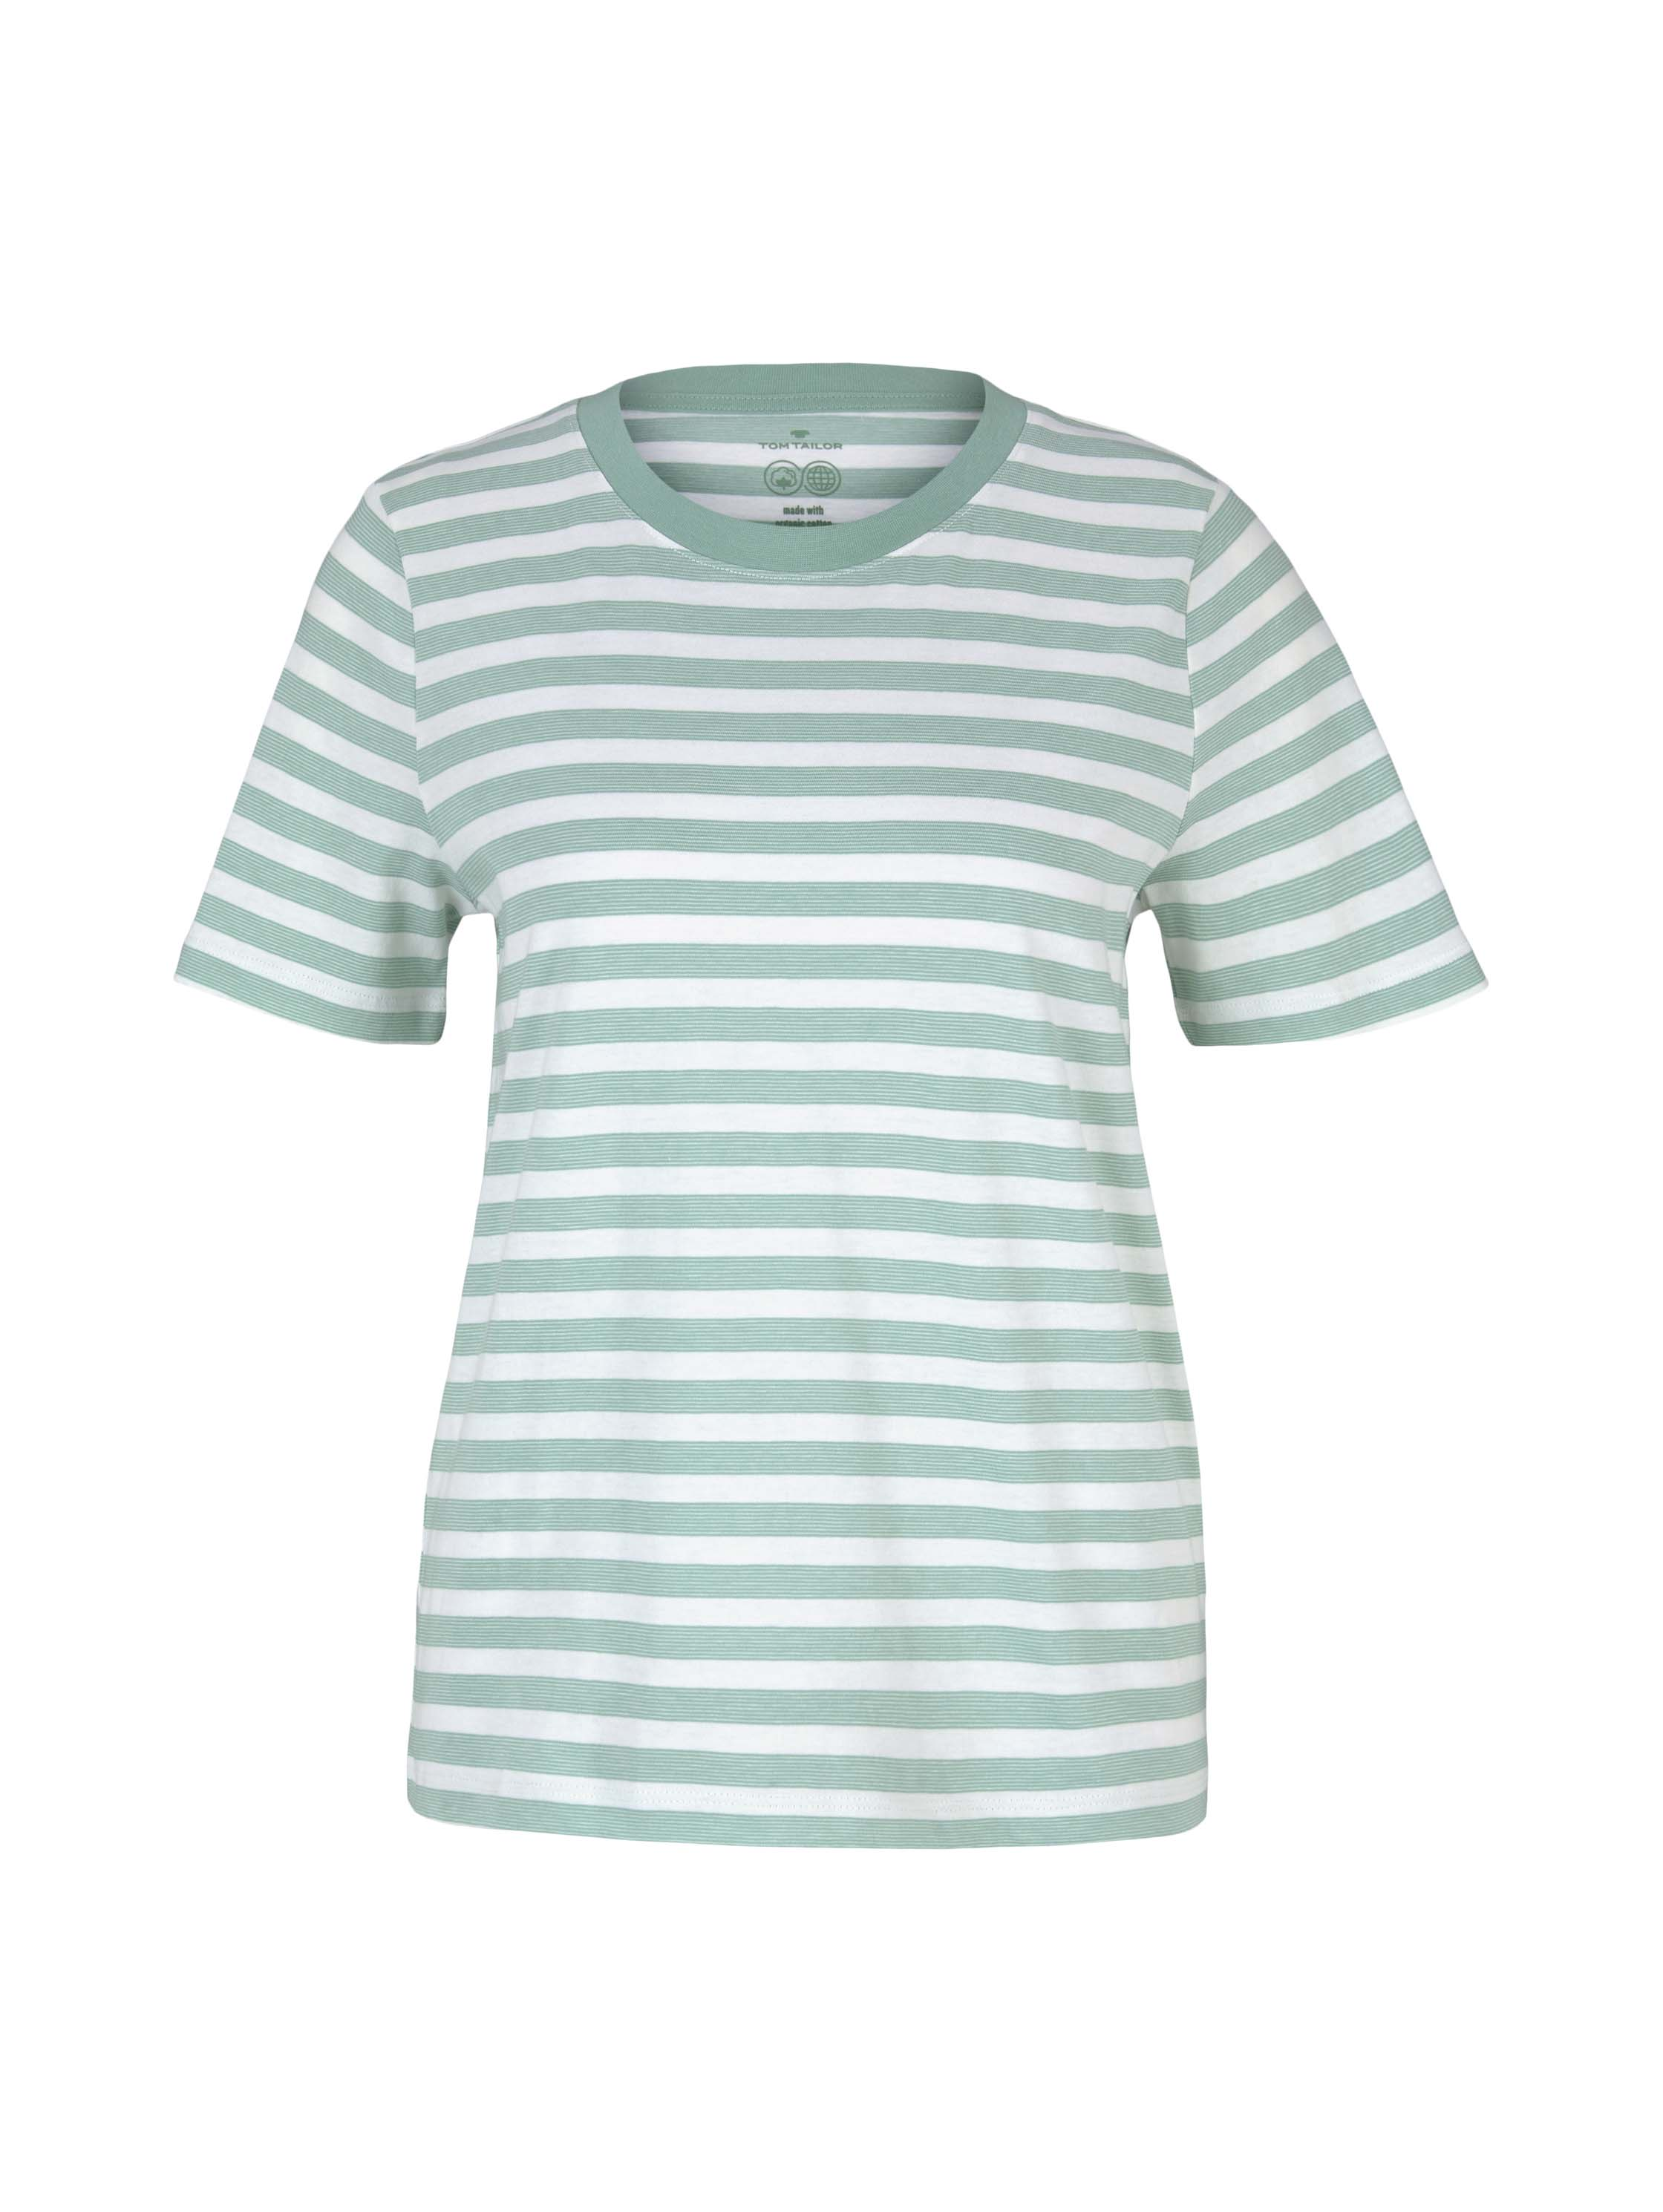 Tom Tailor kurzarm Shirt aus Baumwolle grün gestreift